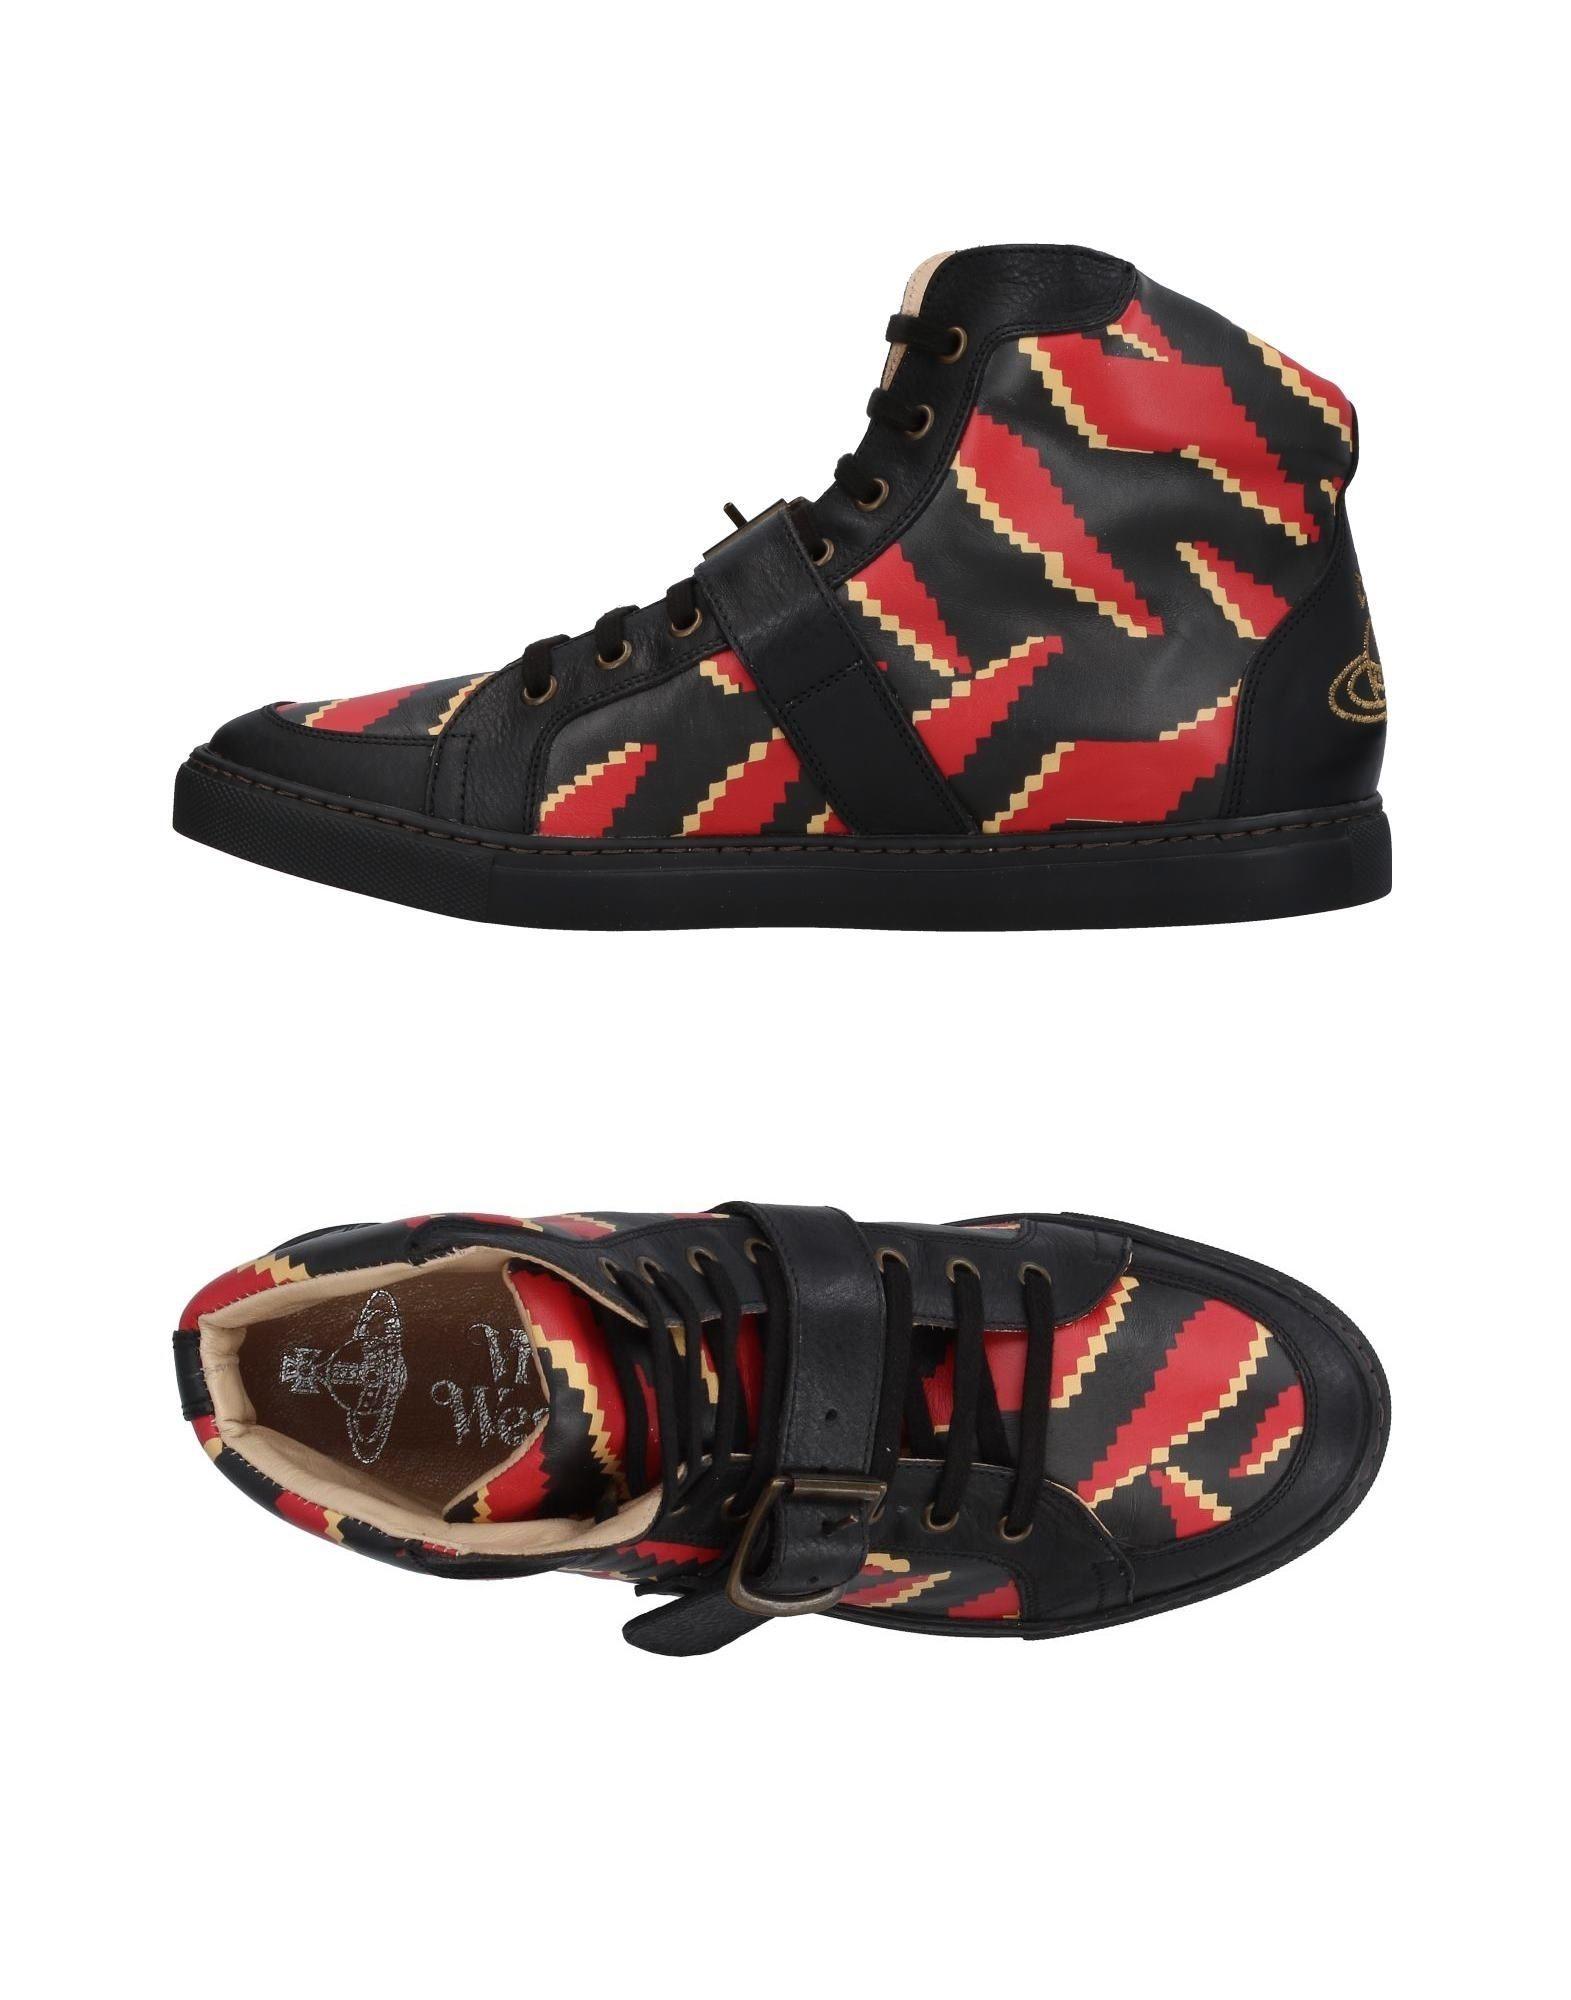 Vivienne Westwood Sneakers Herren  11408980MD Gute Qualität beliebte Schuhe